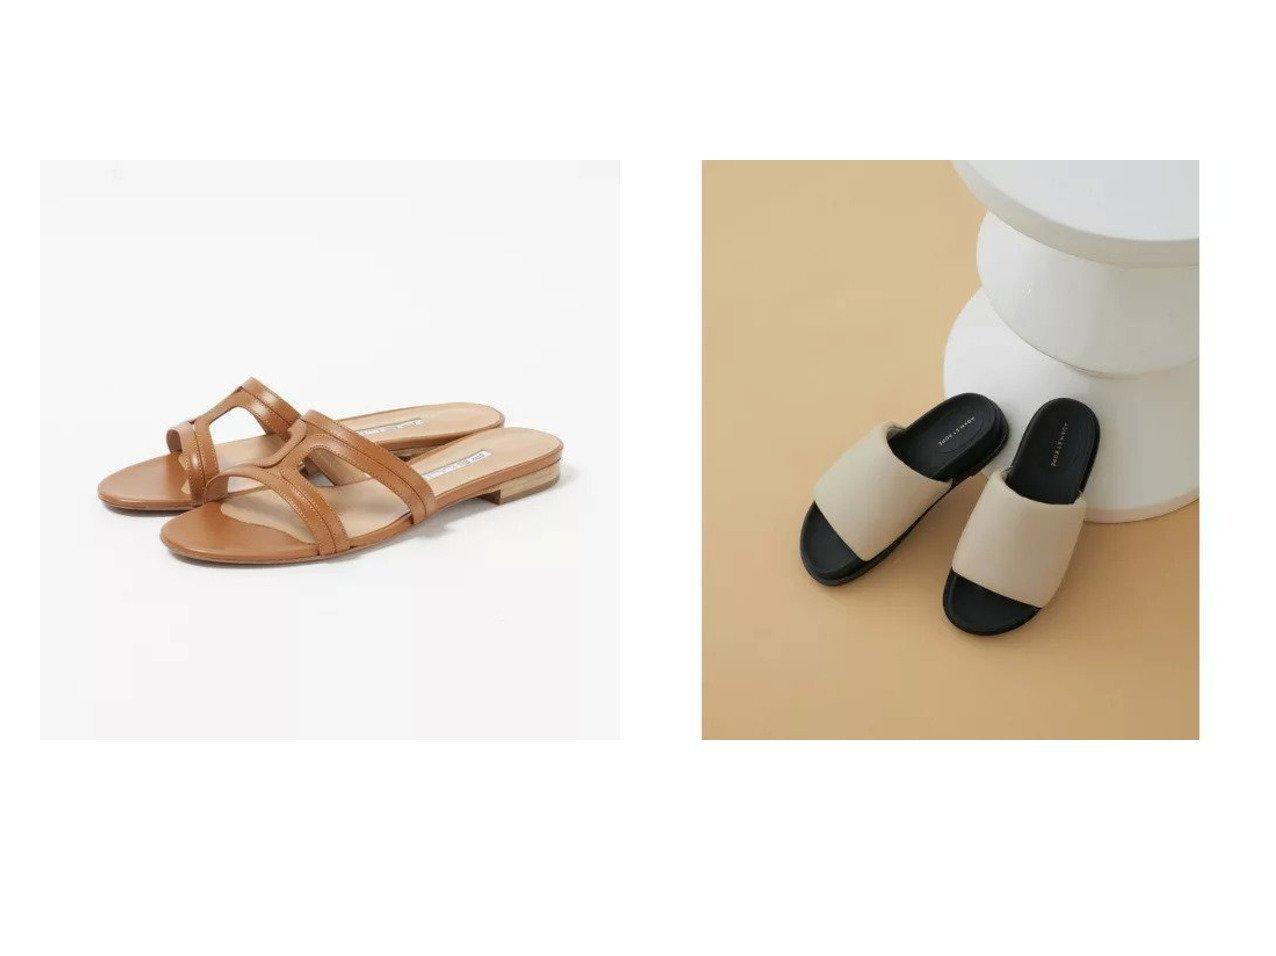 【ADAM ET ROPE'/アダム エ ロペ】のパフィスライダーサンダル&【PELLICO/ペリーコ】のフラットサンダル 【シューズ・靴】おすすめ!人気、トレンド・レディースファッションの通販 おすすめで人気の流行・トレンド、ファッションの通販商品 メンズファッション・キッズファッション・インテリア・家具・レディースファッション・服の通販 founy(ファニー) https://founy.com/ 雑誌掲載アイテム Magazine Items ファッション雑誌 Fashion Magazines エクラ eclat ファッション Fashion レディースファッション WOMEN 春 Spring 今季 サンダル シューズ スニーカー スポーツ トレンド リラックス 2021年 2021 S/S・春夏 SS・Spring/Summer 2021春夏・S/S SS/Spring/Summer/2021 おすすめ Recommend 5月号 サマー デニム ドレス フラット 定番 Standard 雑誌 |ID:crp329100000035476